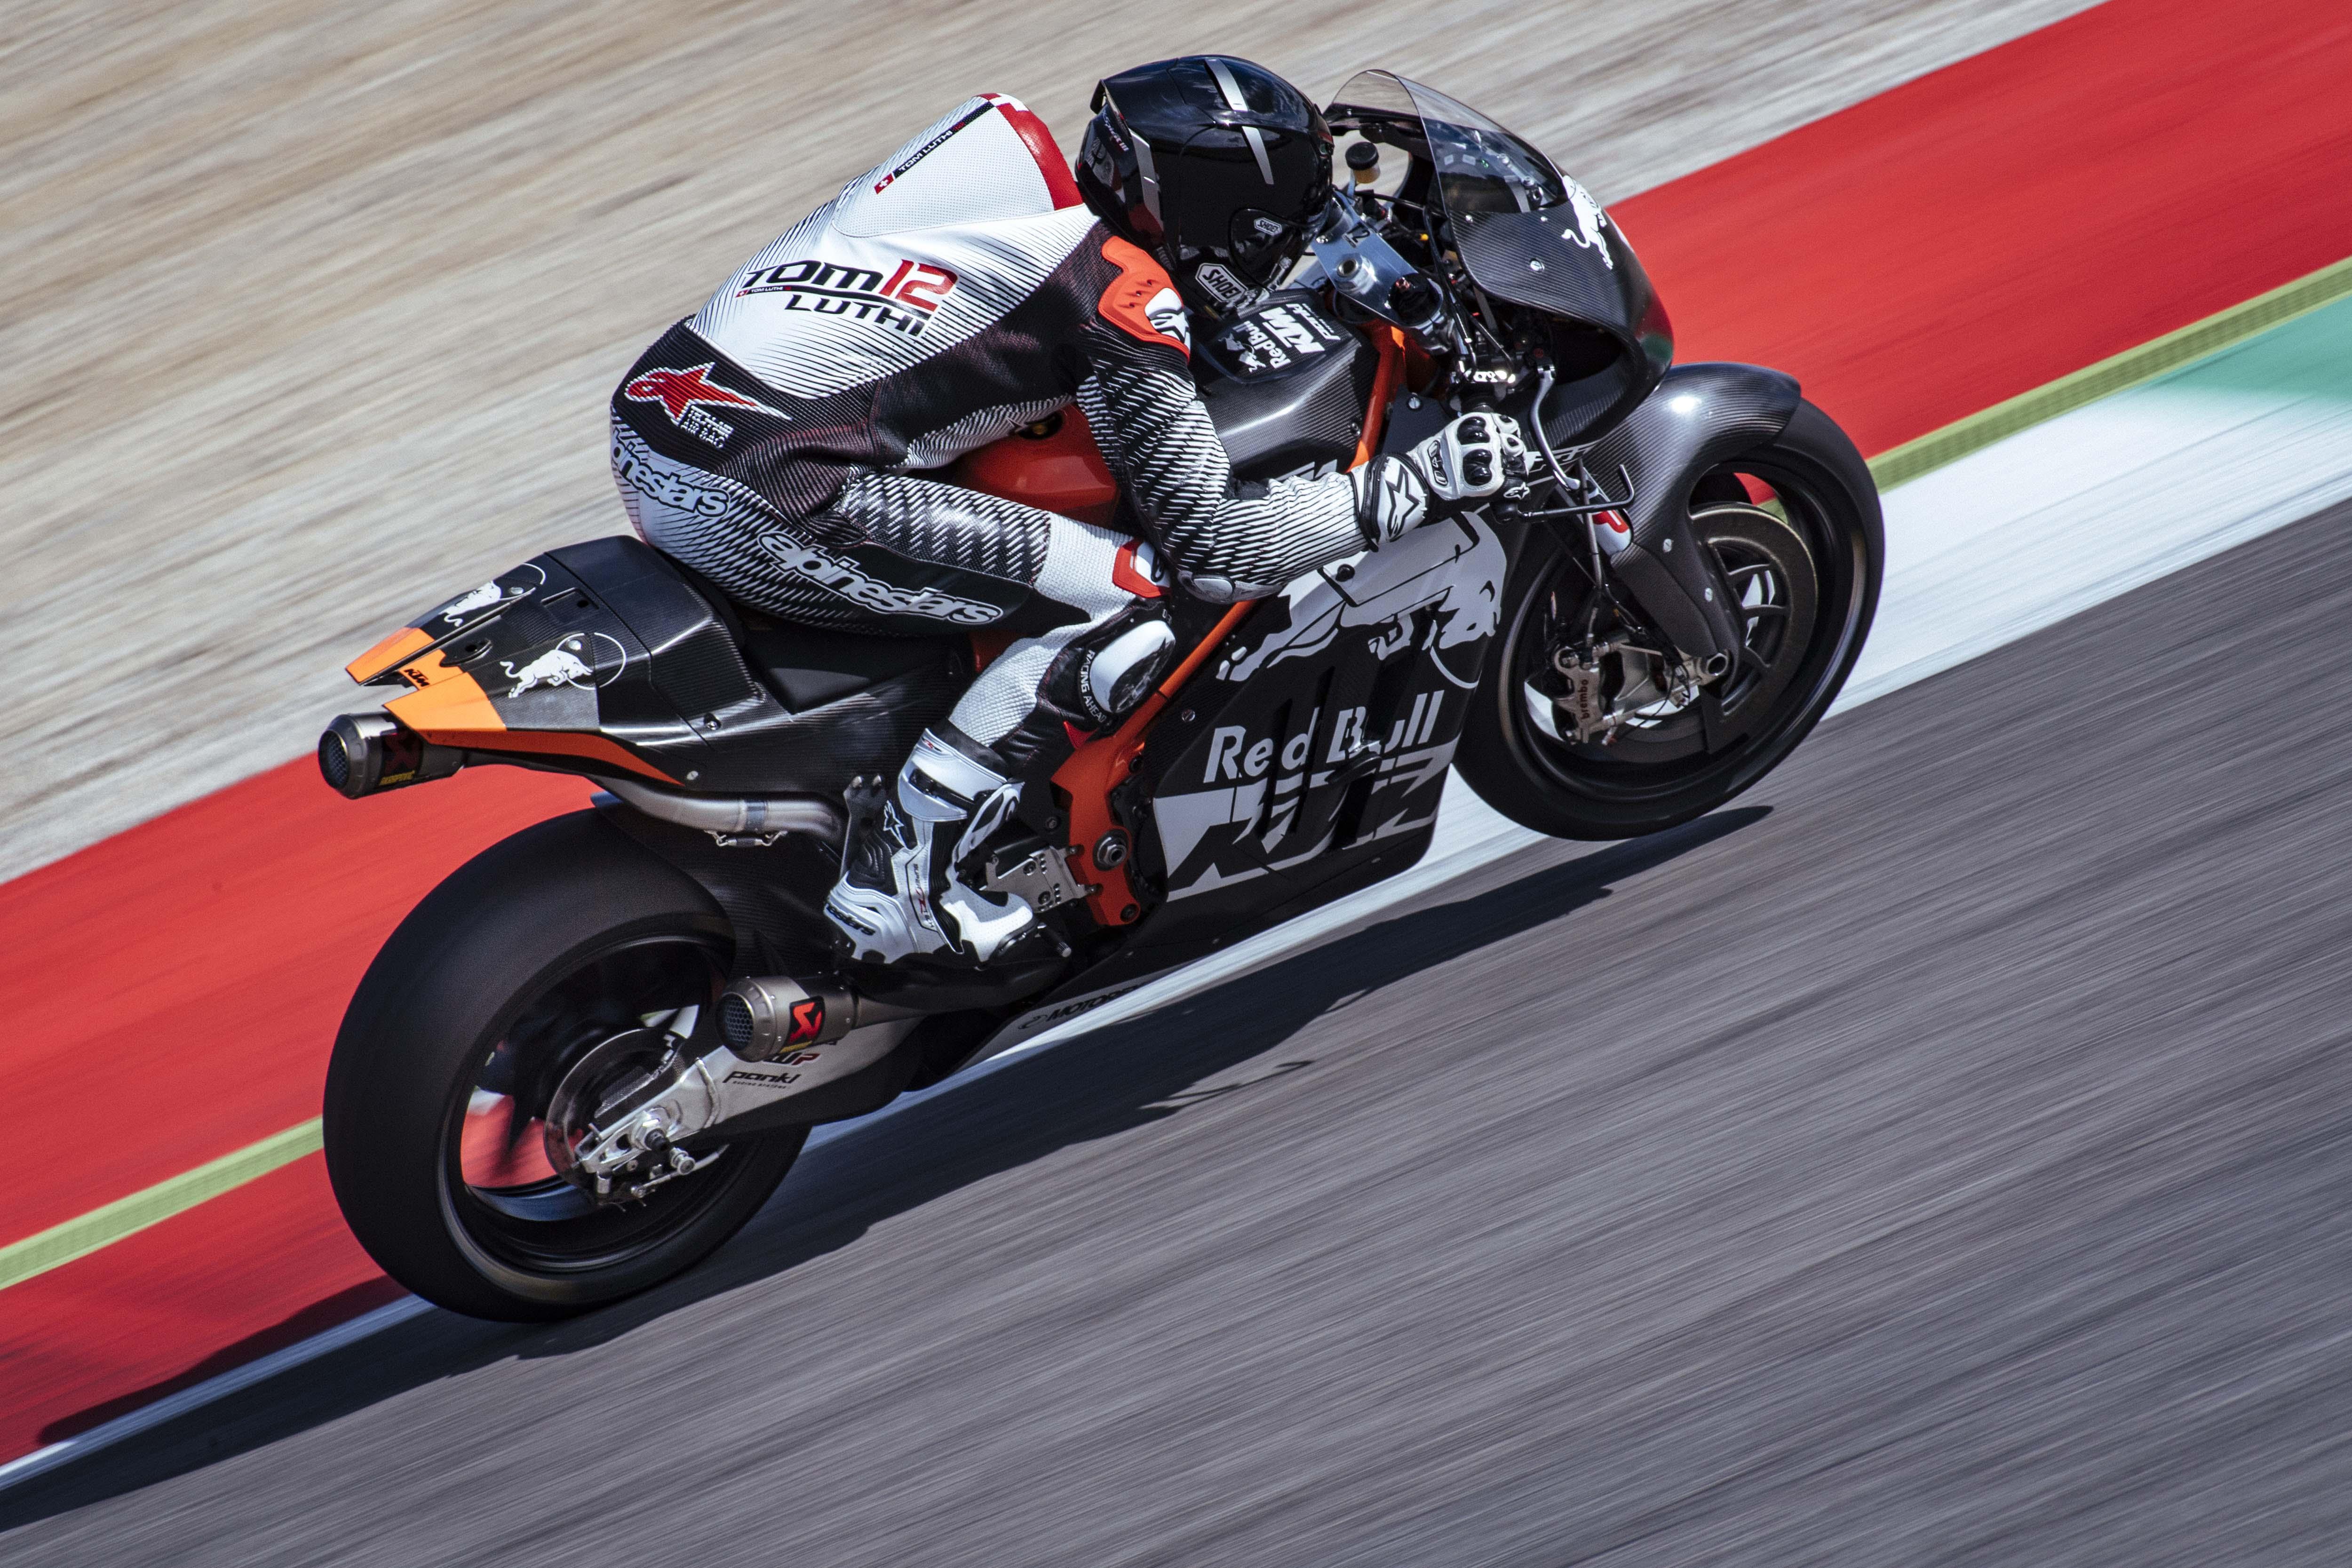 XXX: The KTM RC16 MotoGP Bike Testing at Mugello